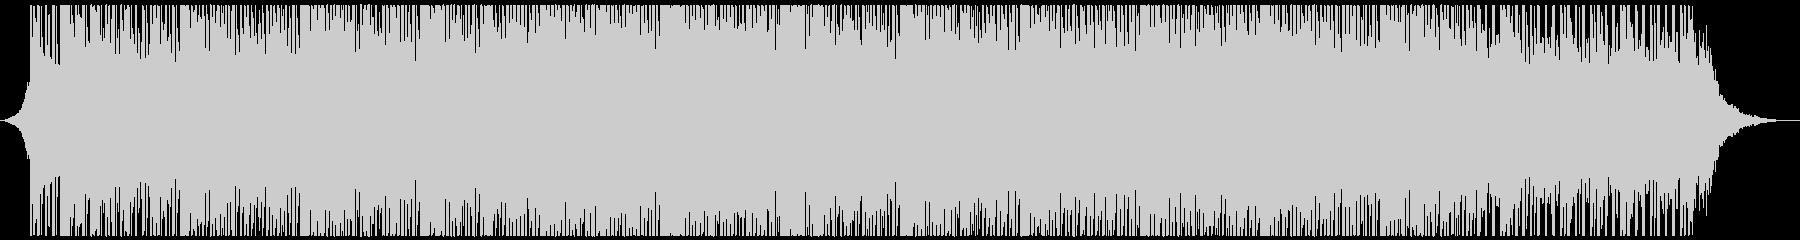 ポップ テクノ アンビエント コー...の未再生の波形